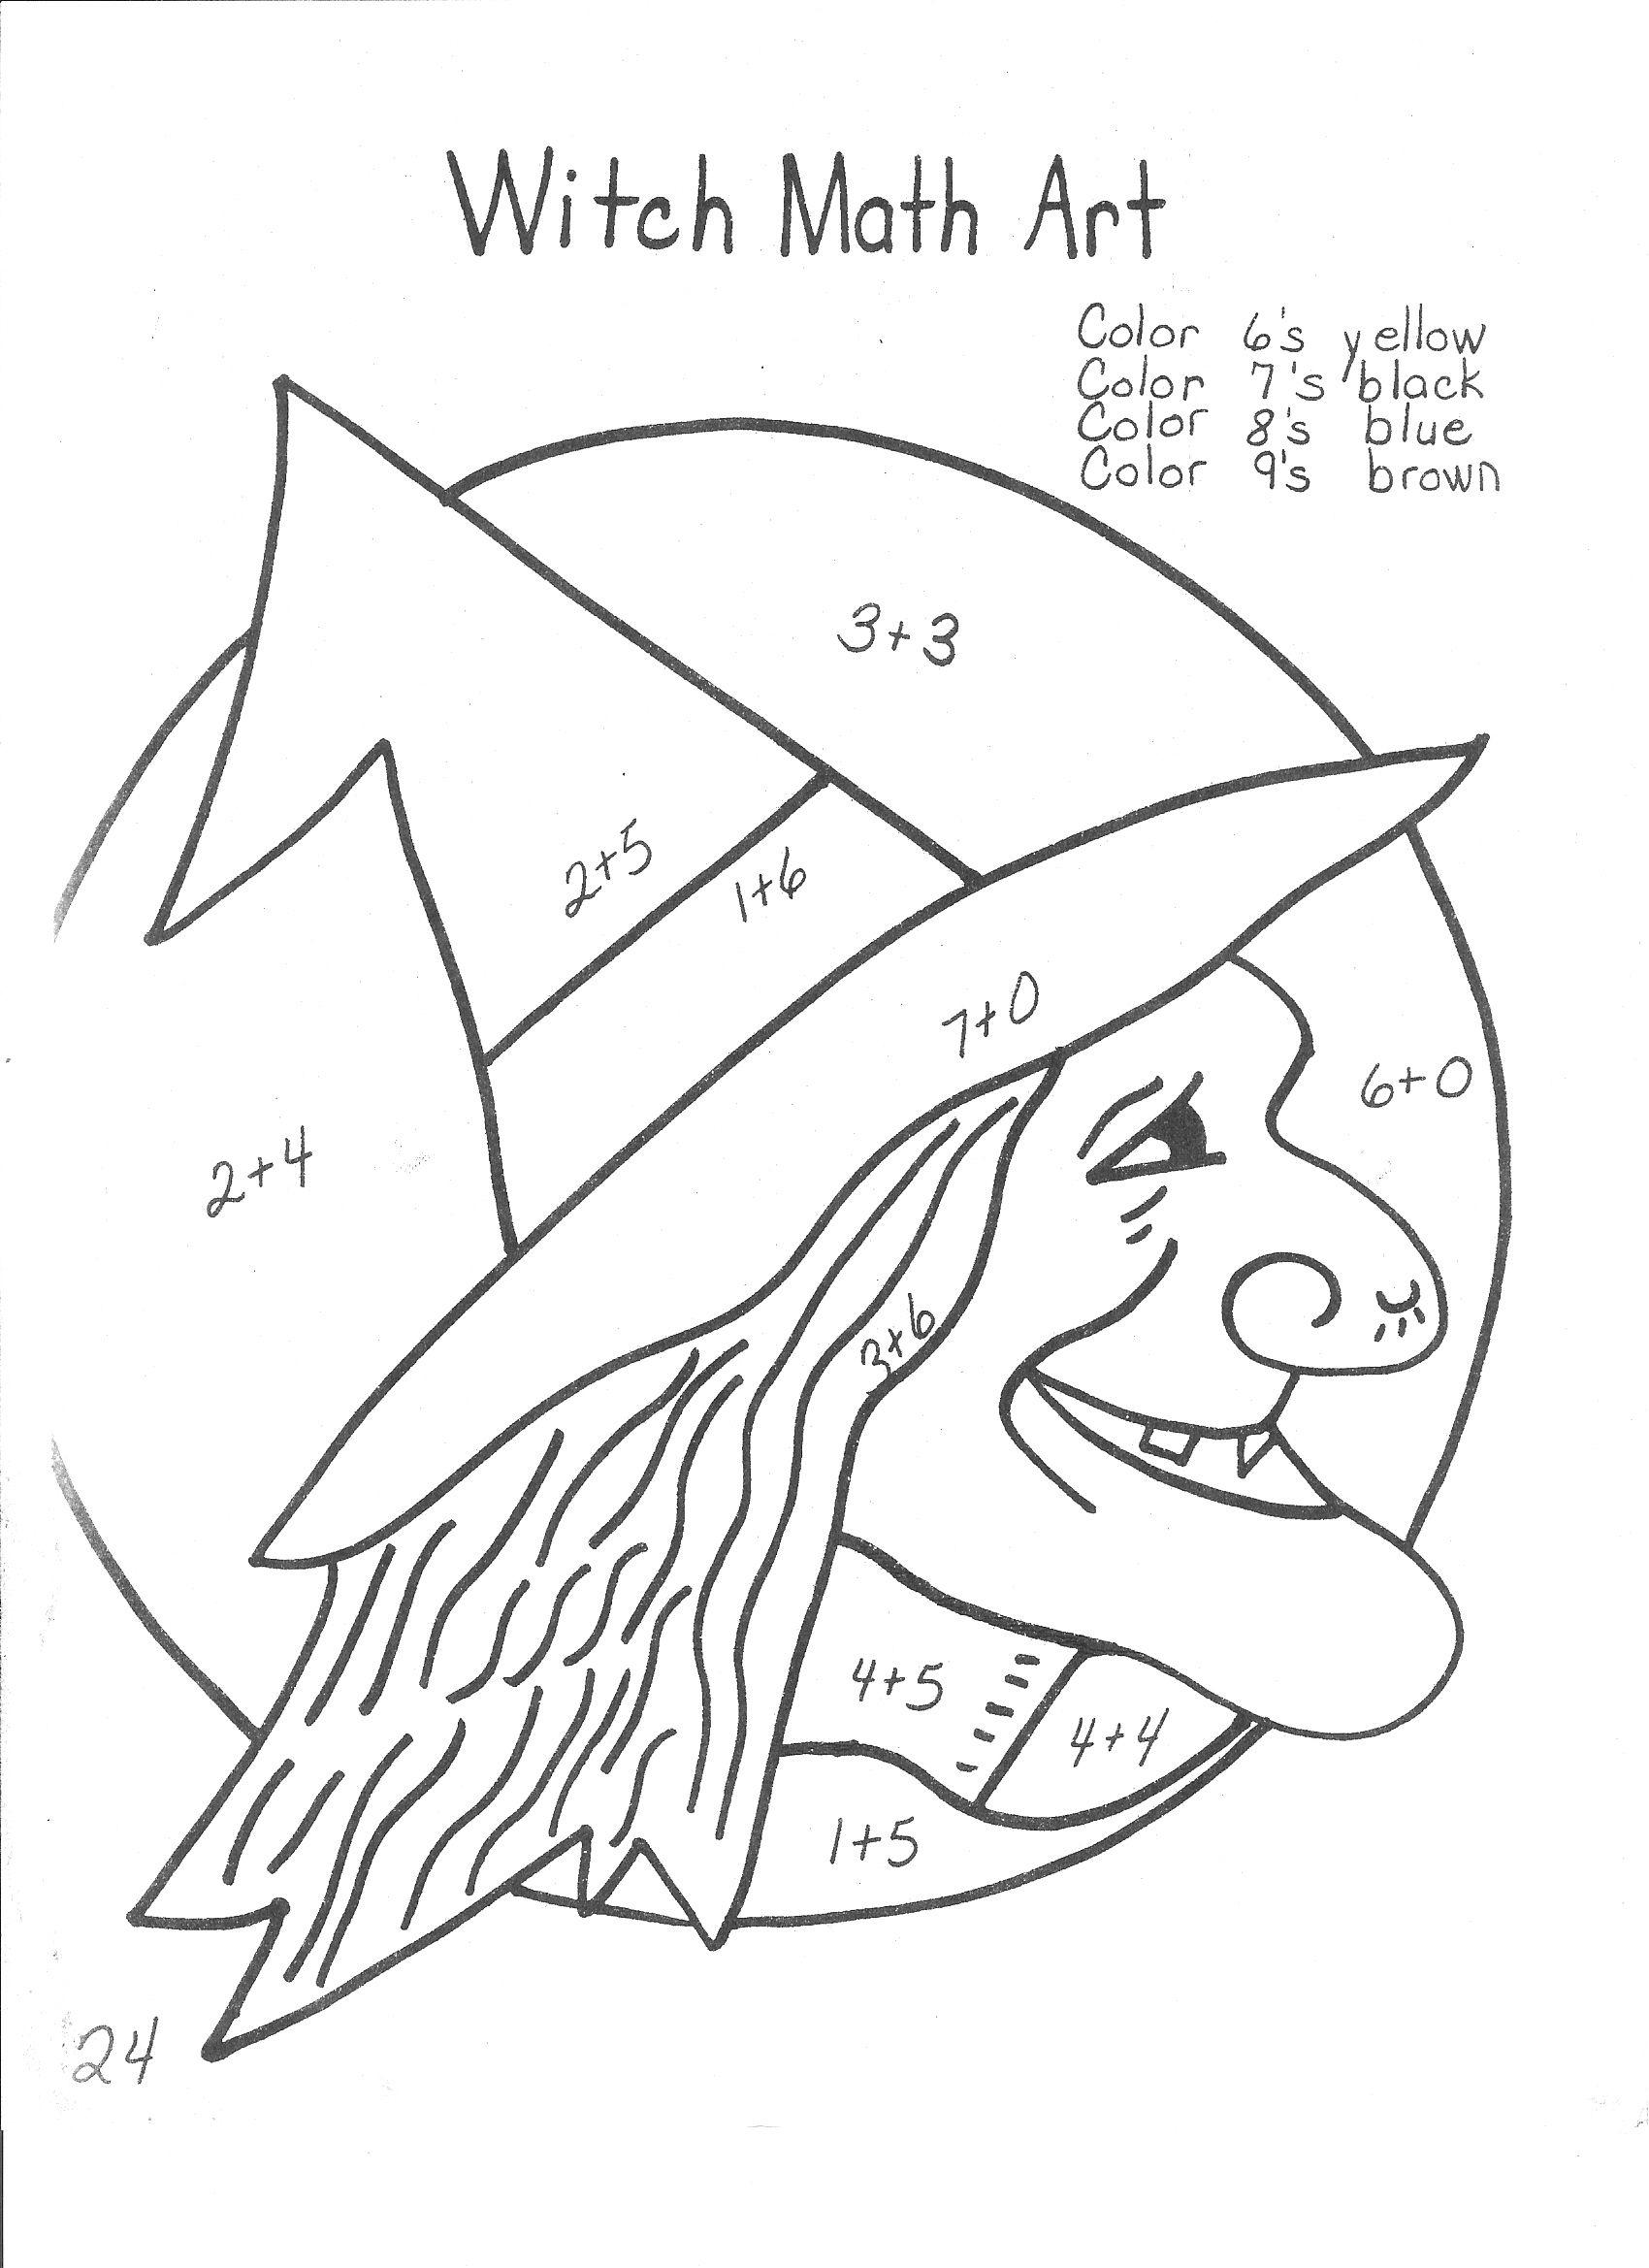 Worksheet ~ Halloween Coloring Pages Free Printableh 2Nd